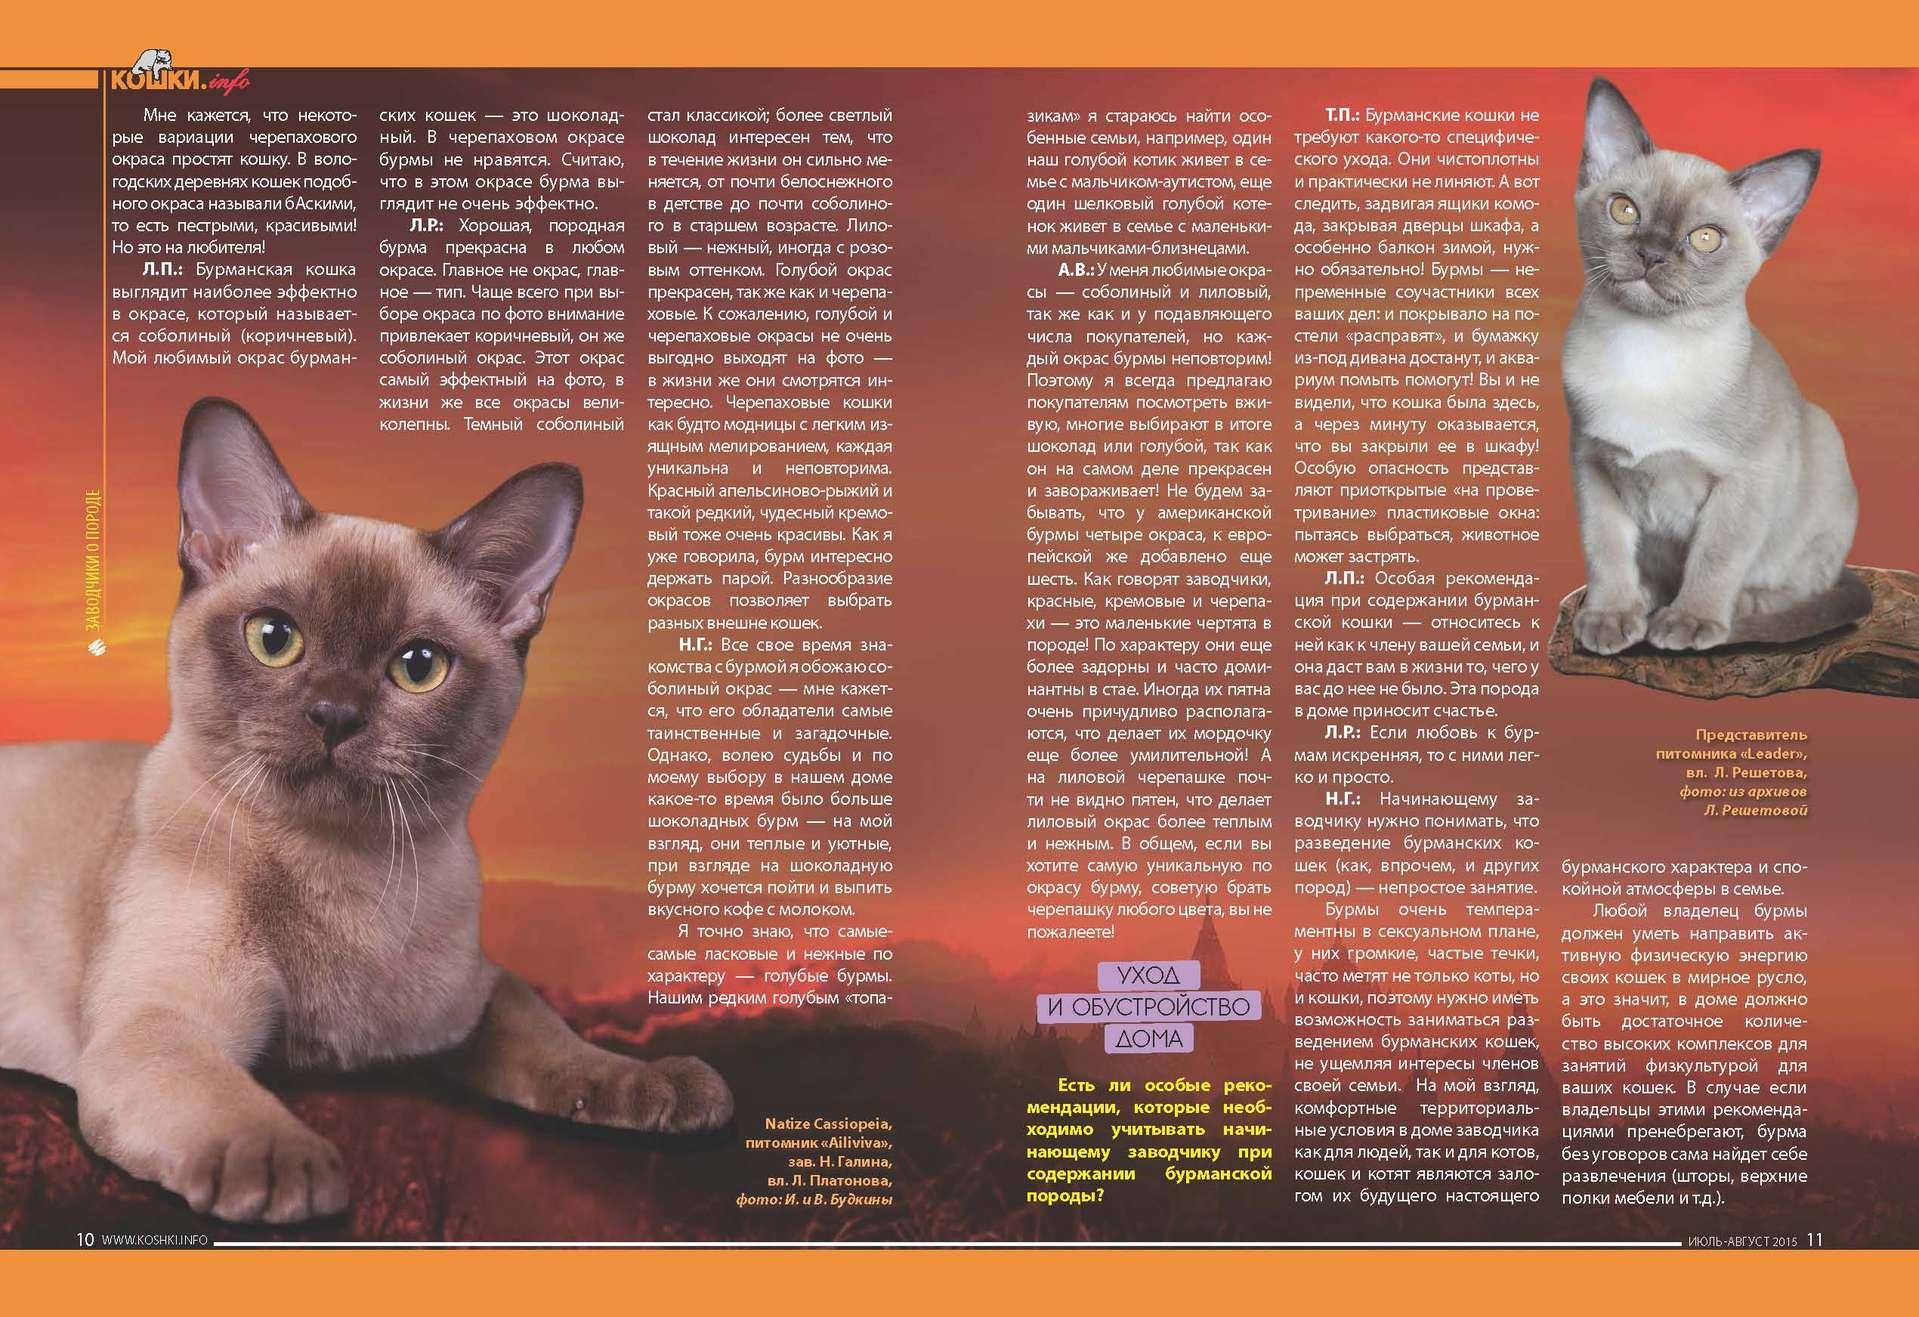 Описание бурманской кошки